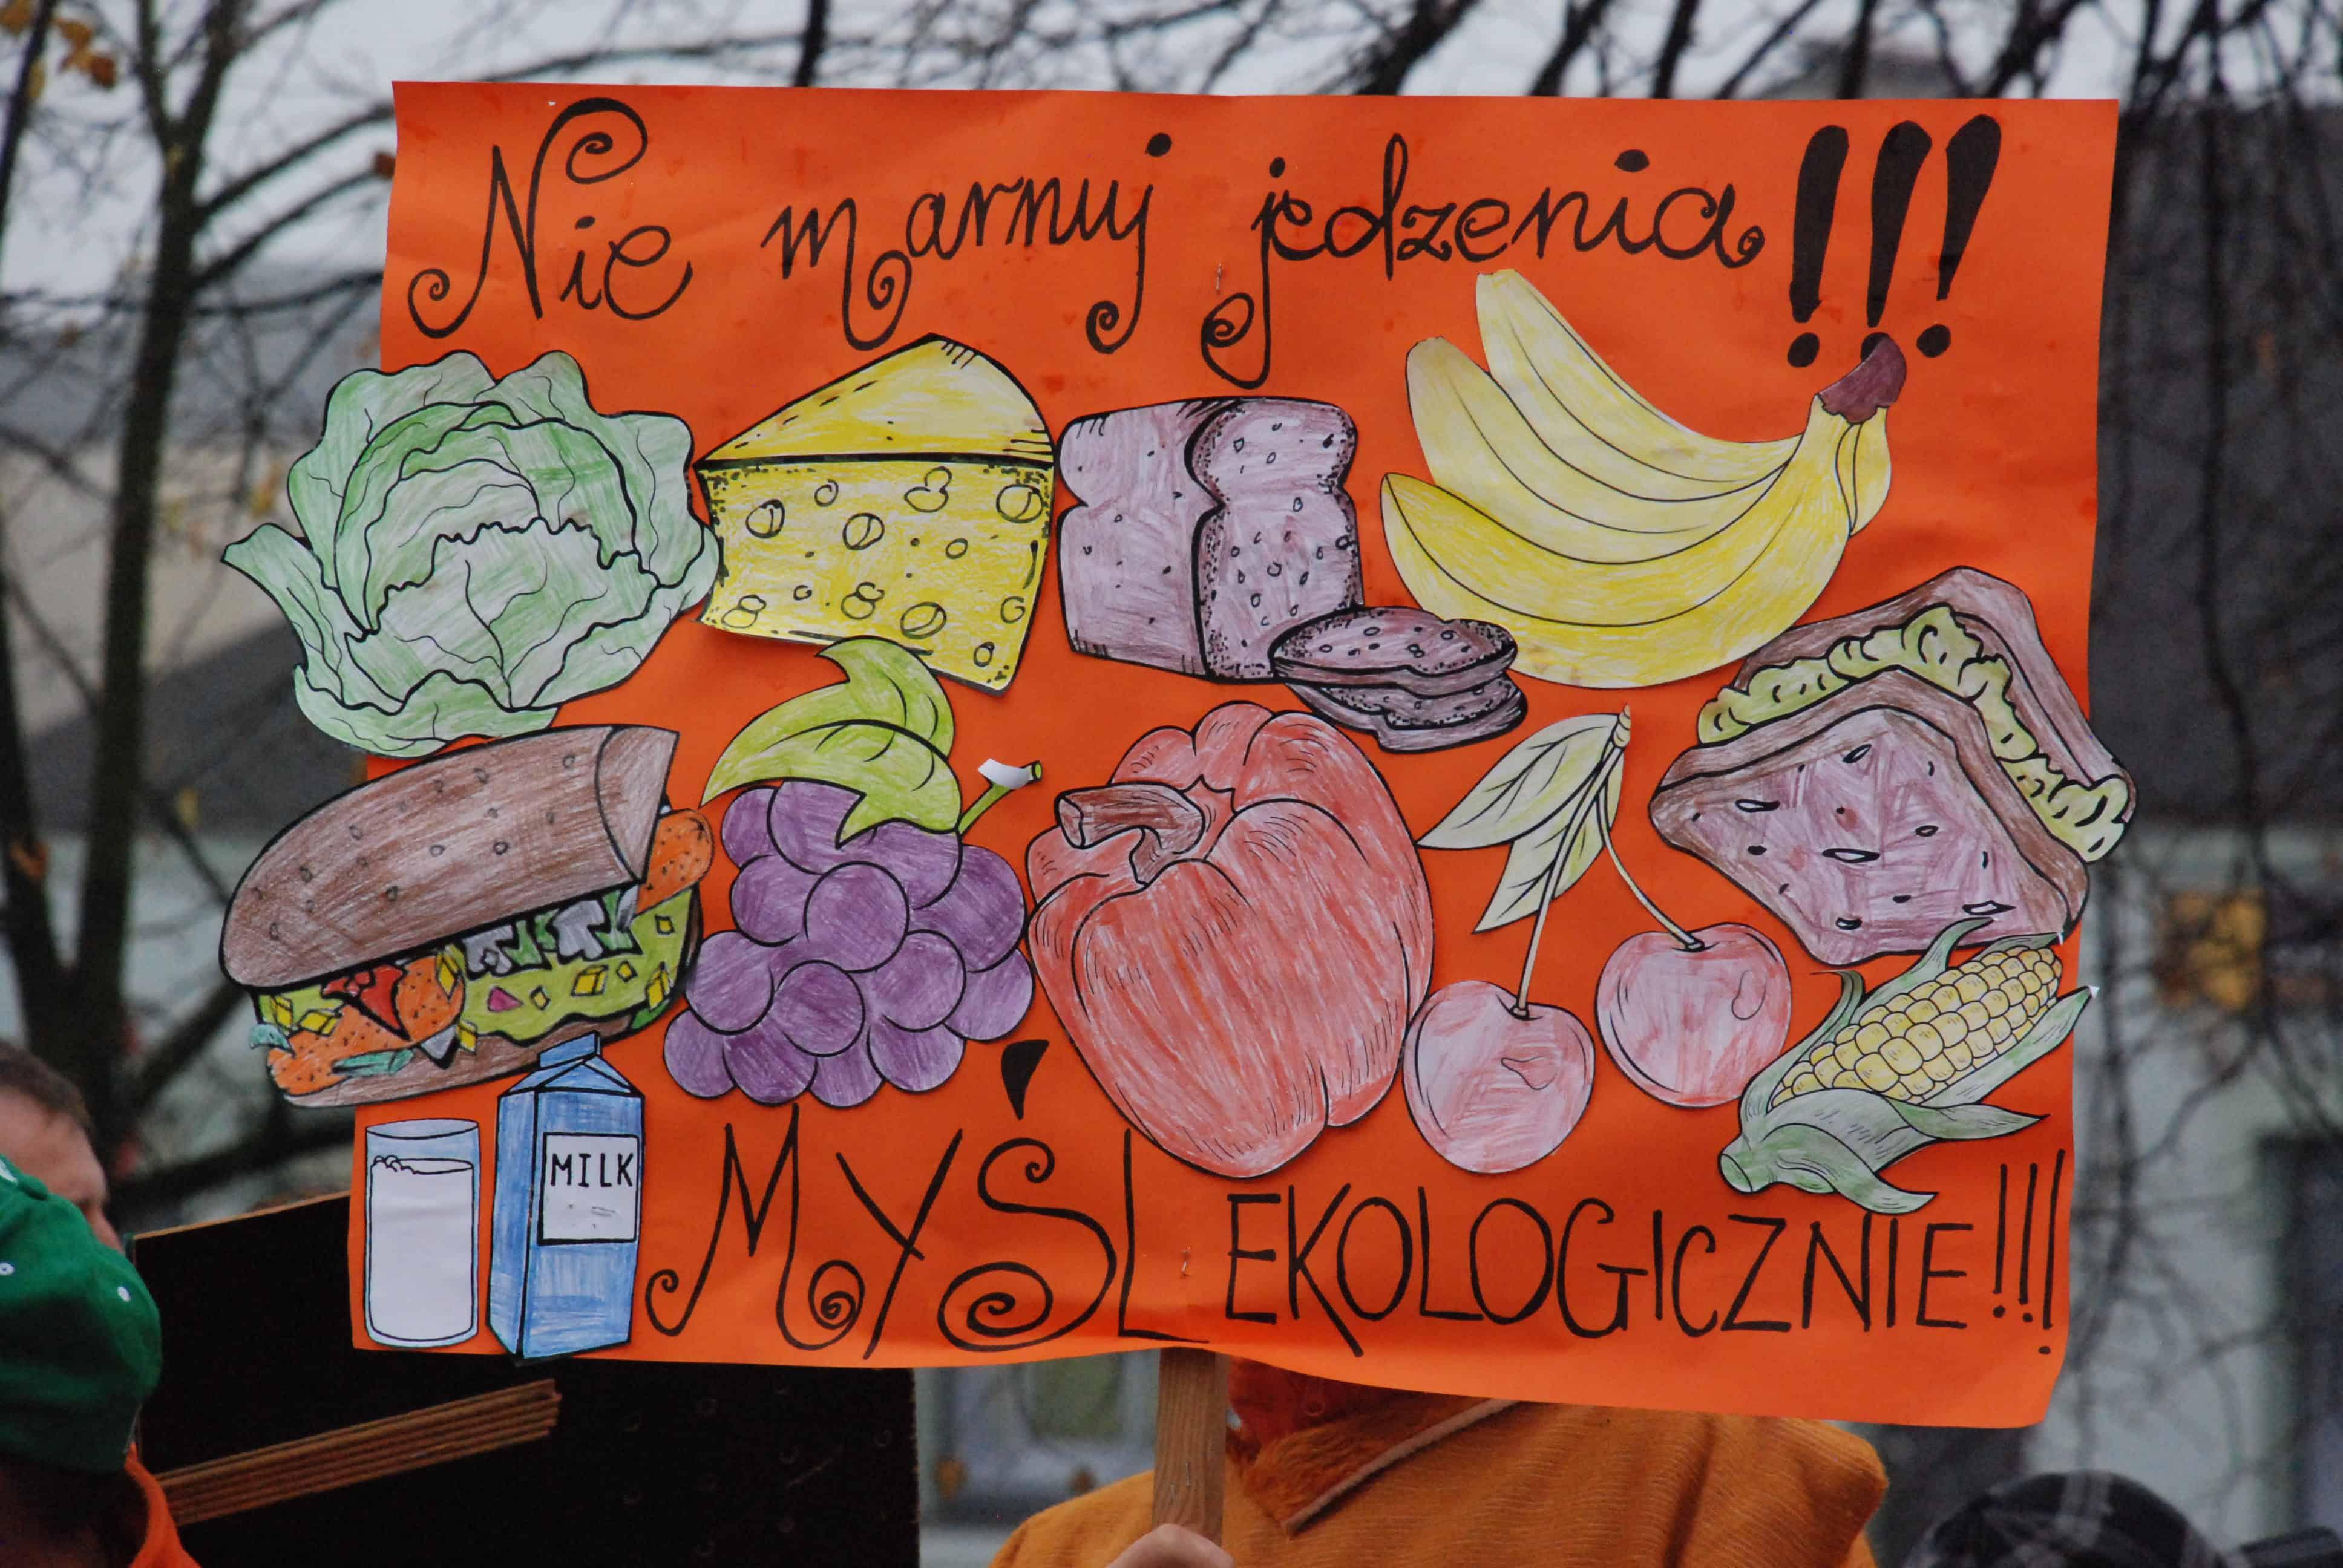 Zaproszenie do udziału w częstochowskich obchodach Światowego Dnia Żywności